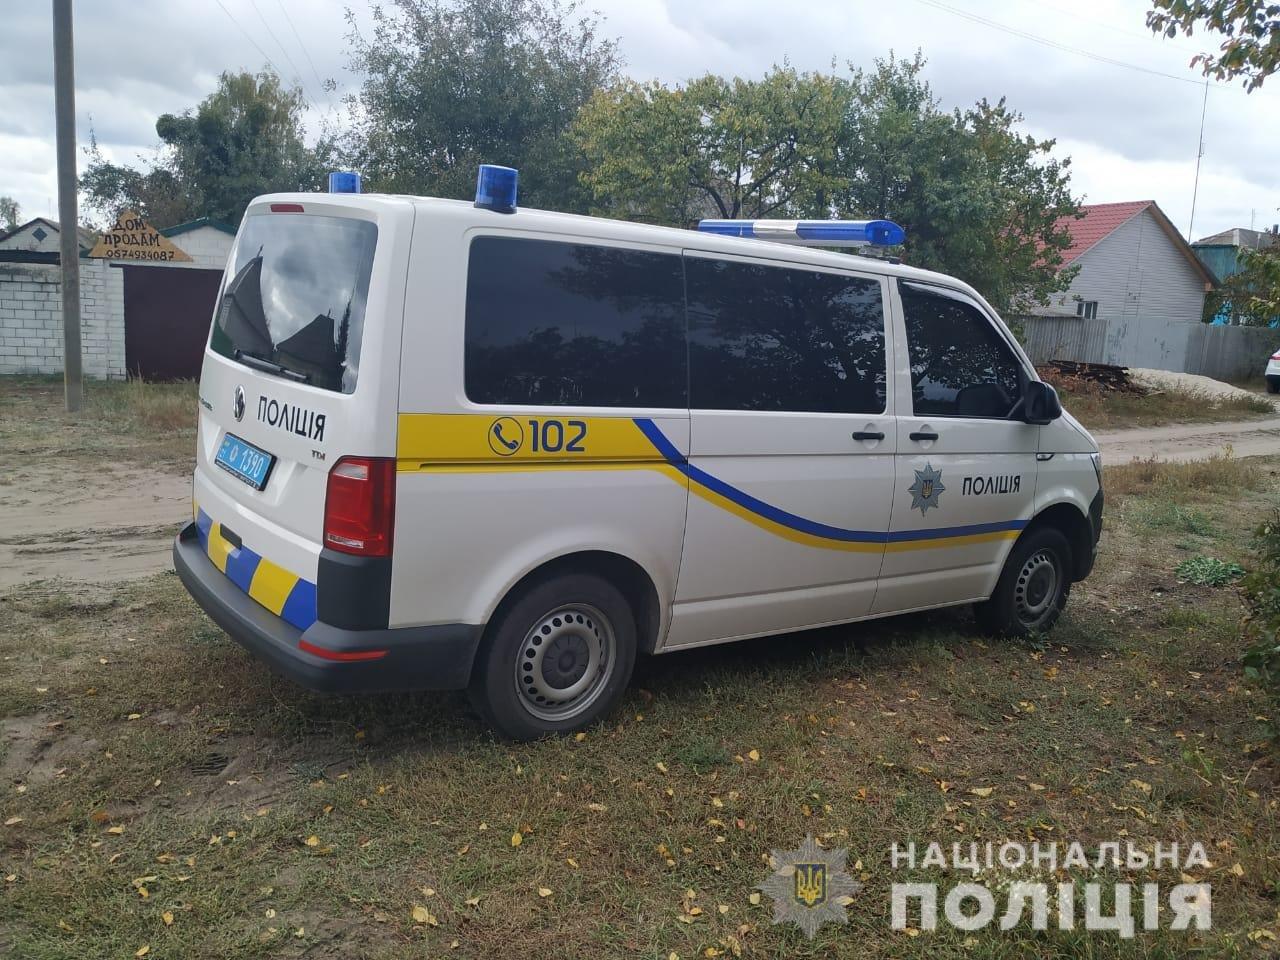 Под Харьковом мужчина забил насмерть своего собутыльника, - ФОТО, фото-1